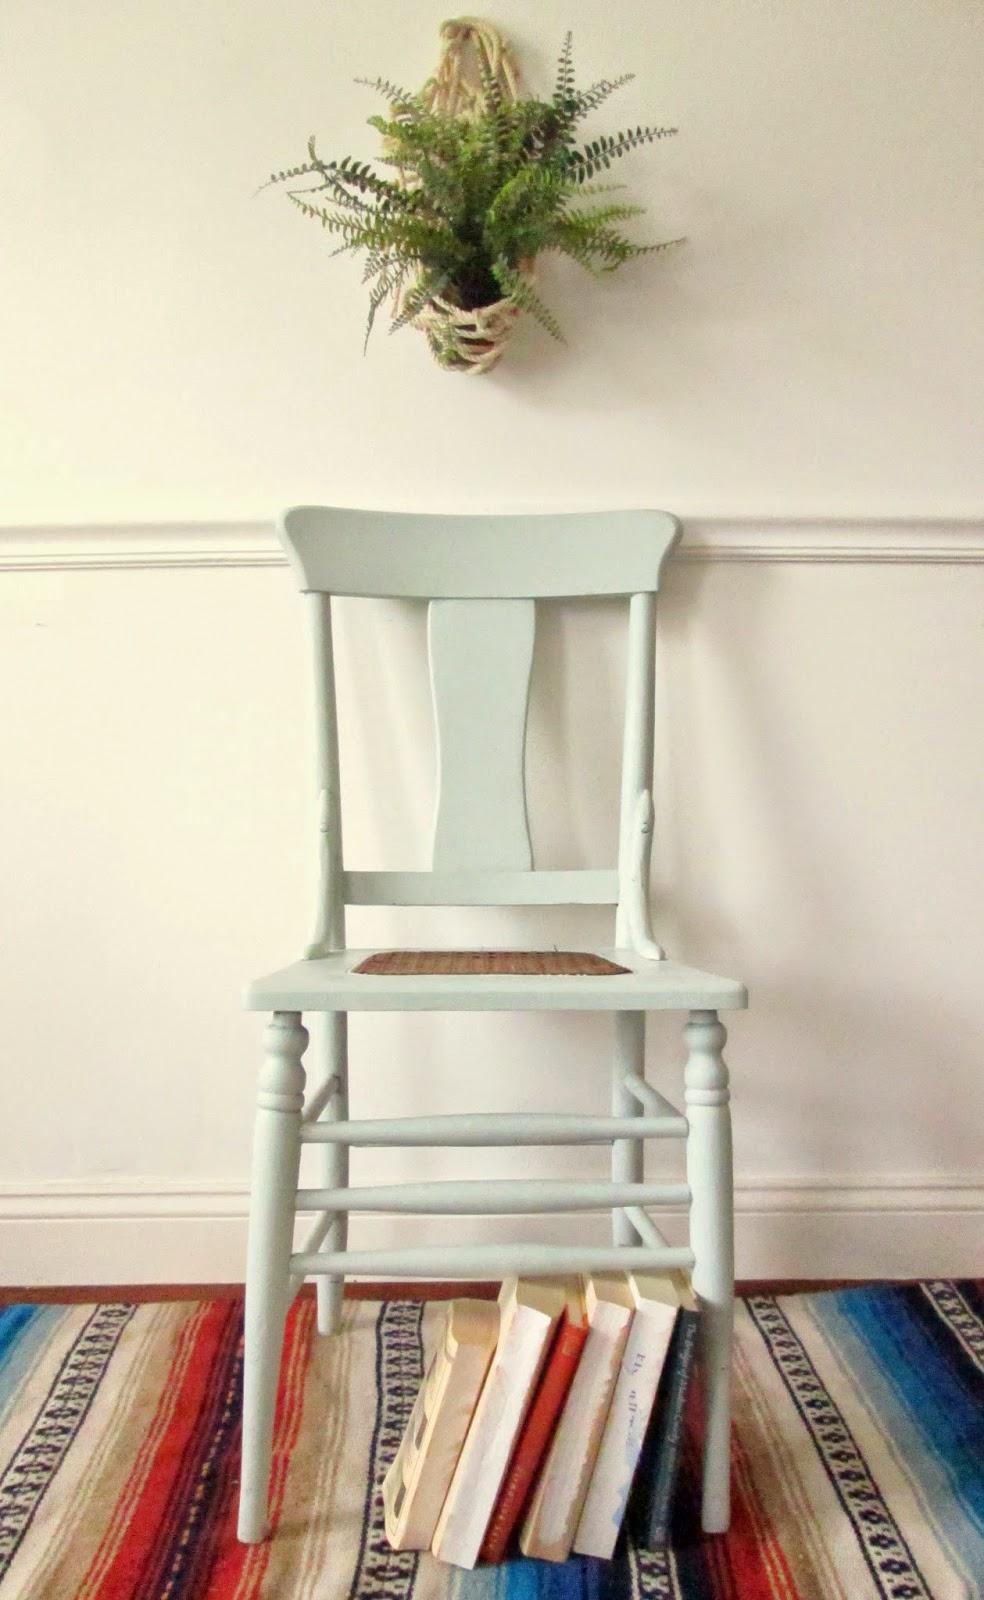 cane+chair+1.jpg